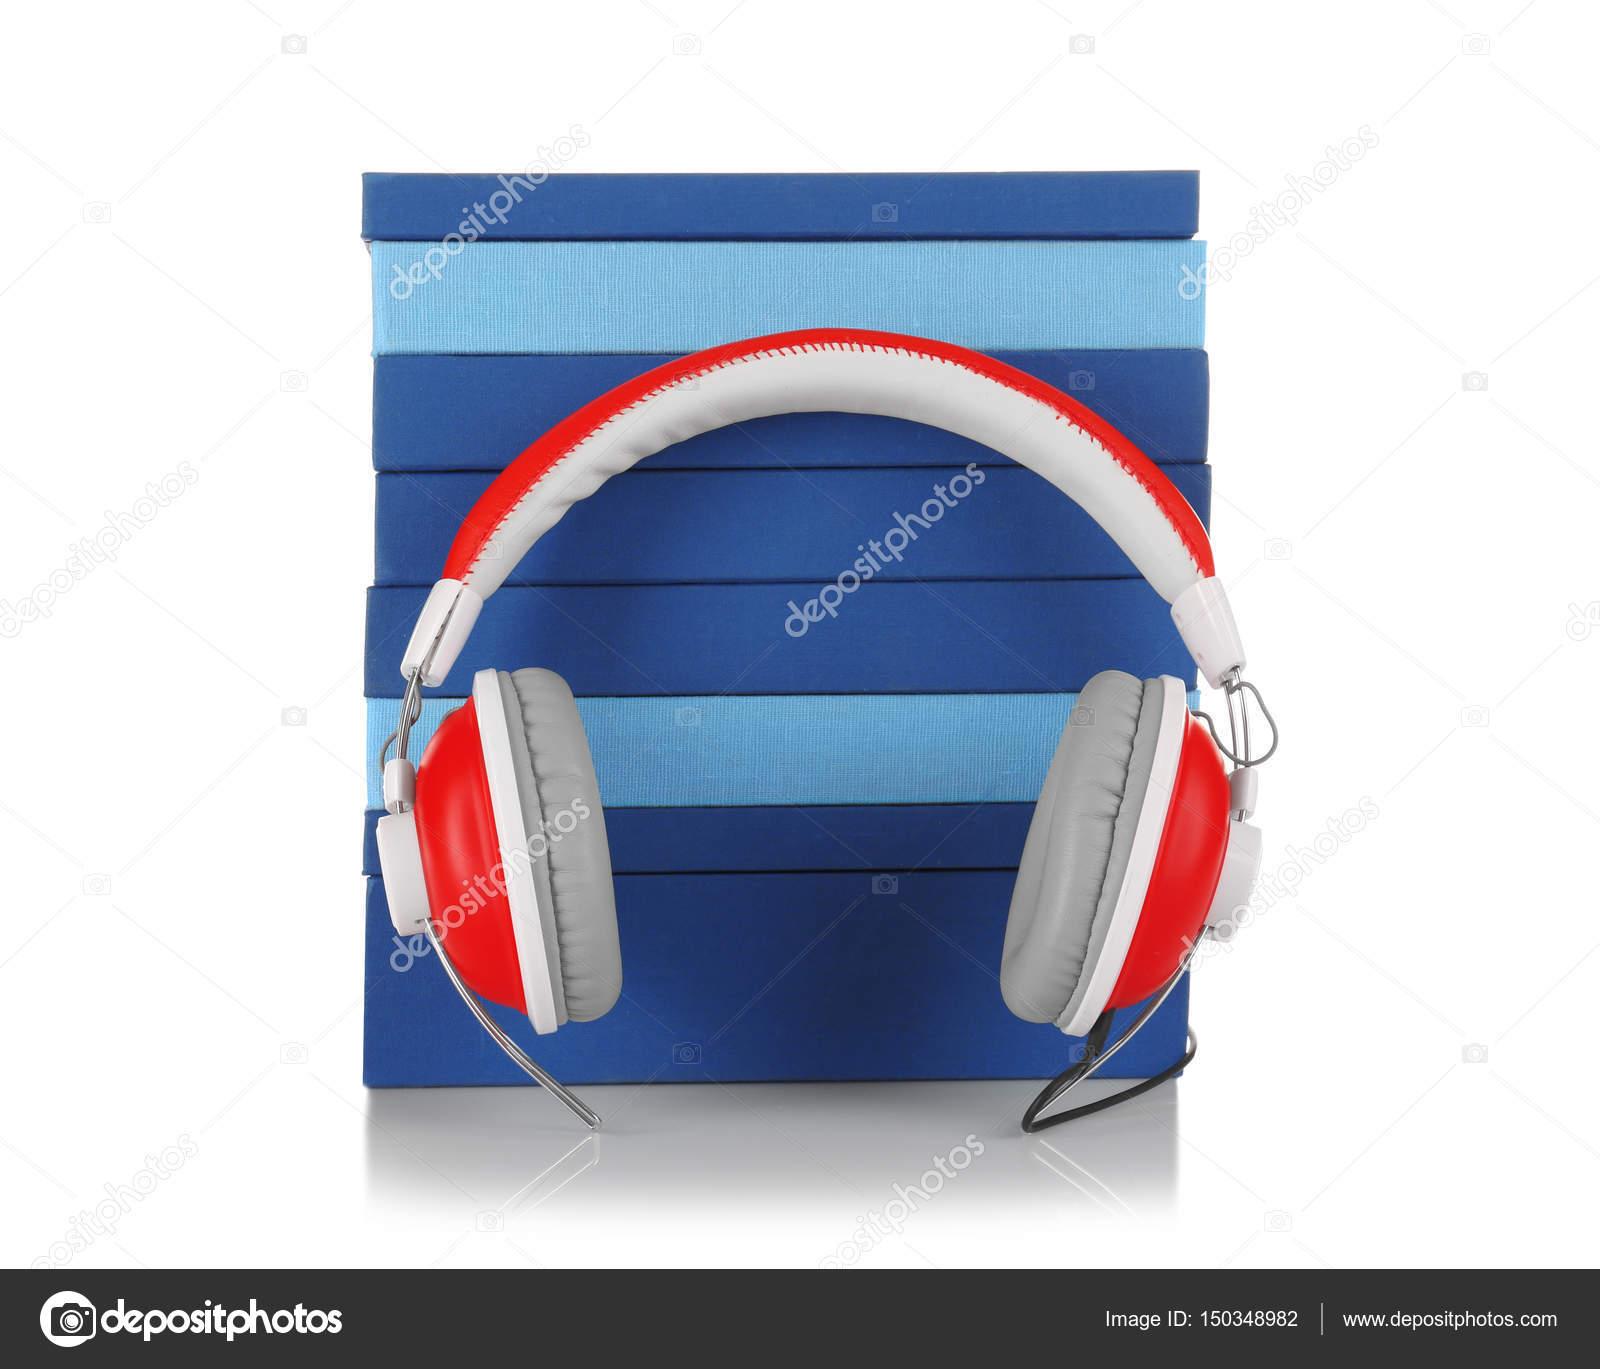 Audiobook concept view — Stock Photo © belchonock #150348982